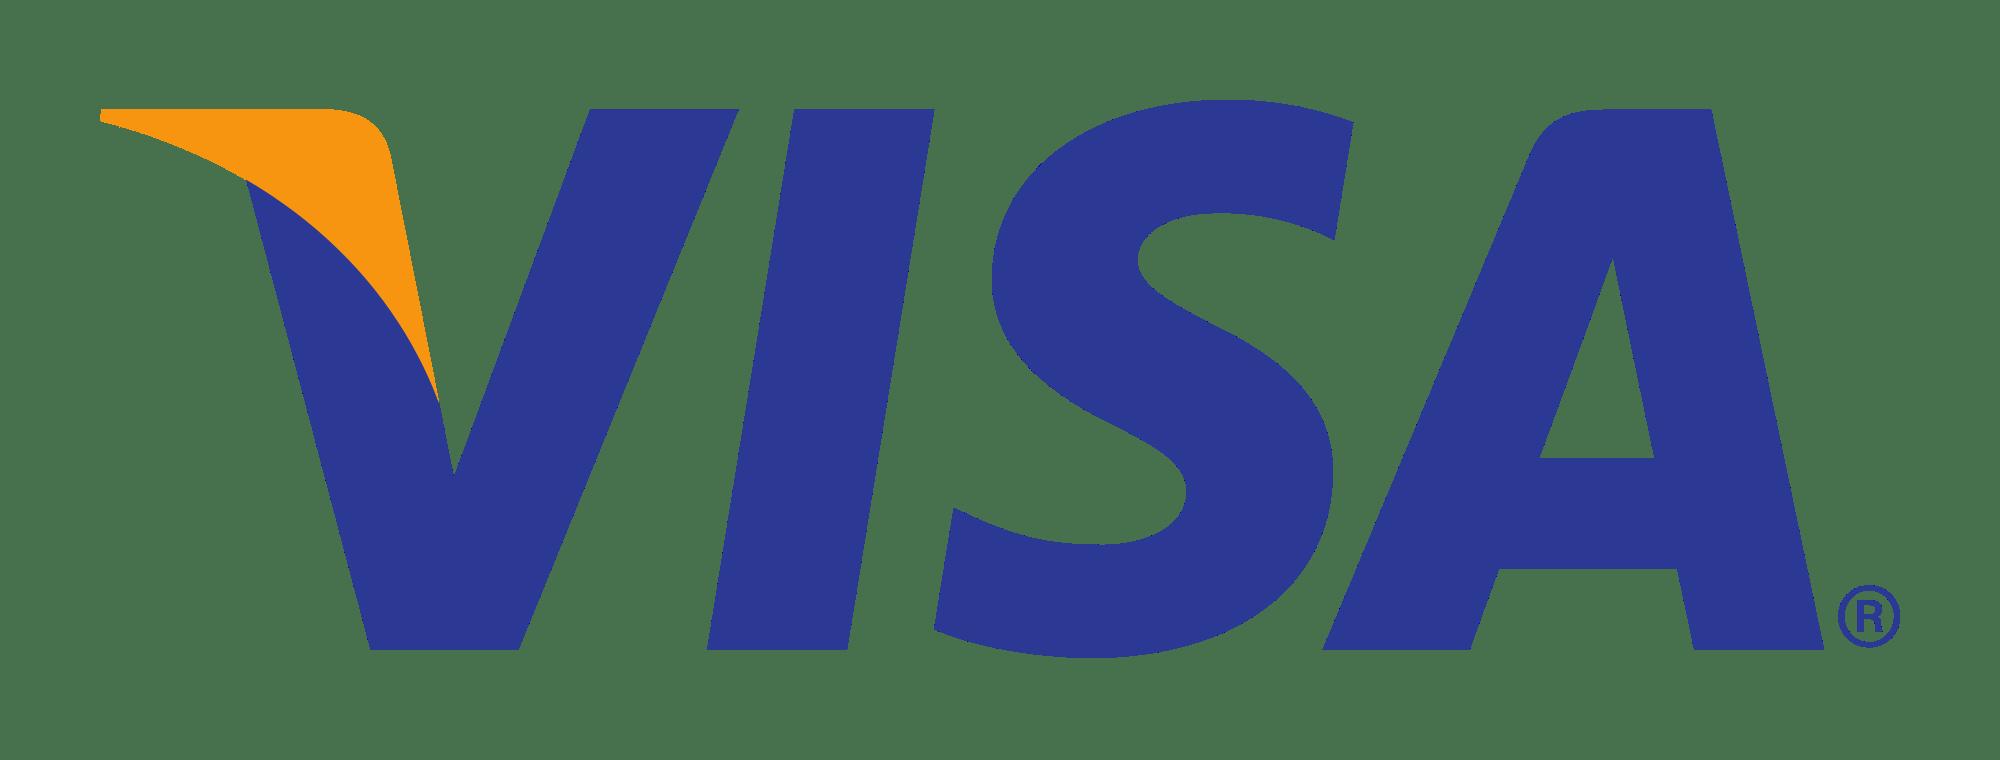 Оплата банковскими картами visa осуществляется через АО «АЛЬФА-БАНК»